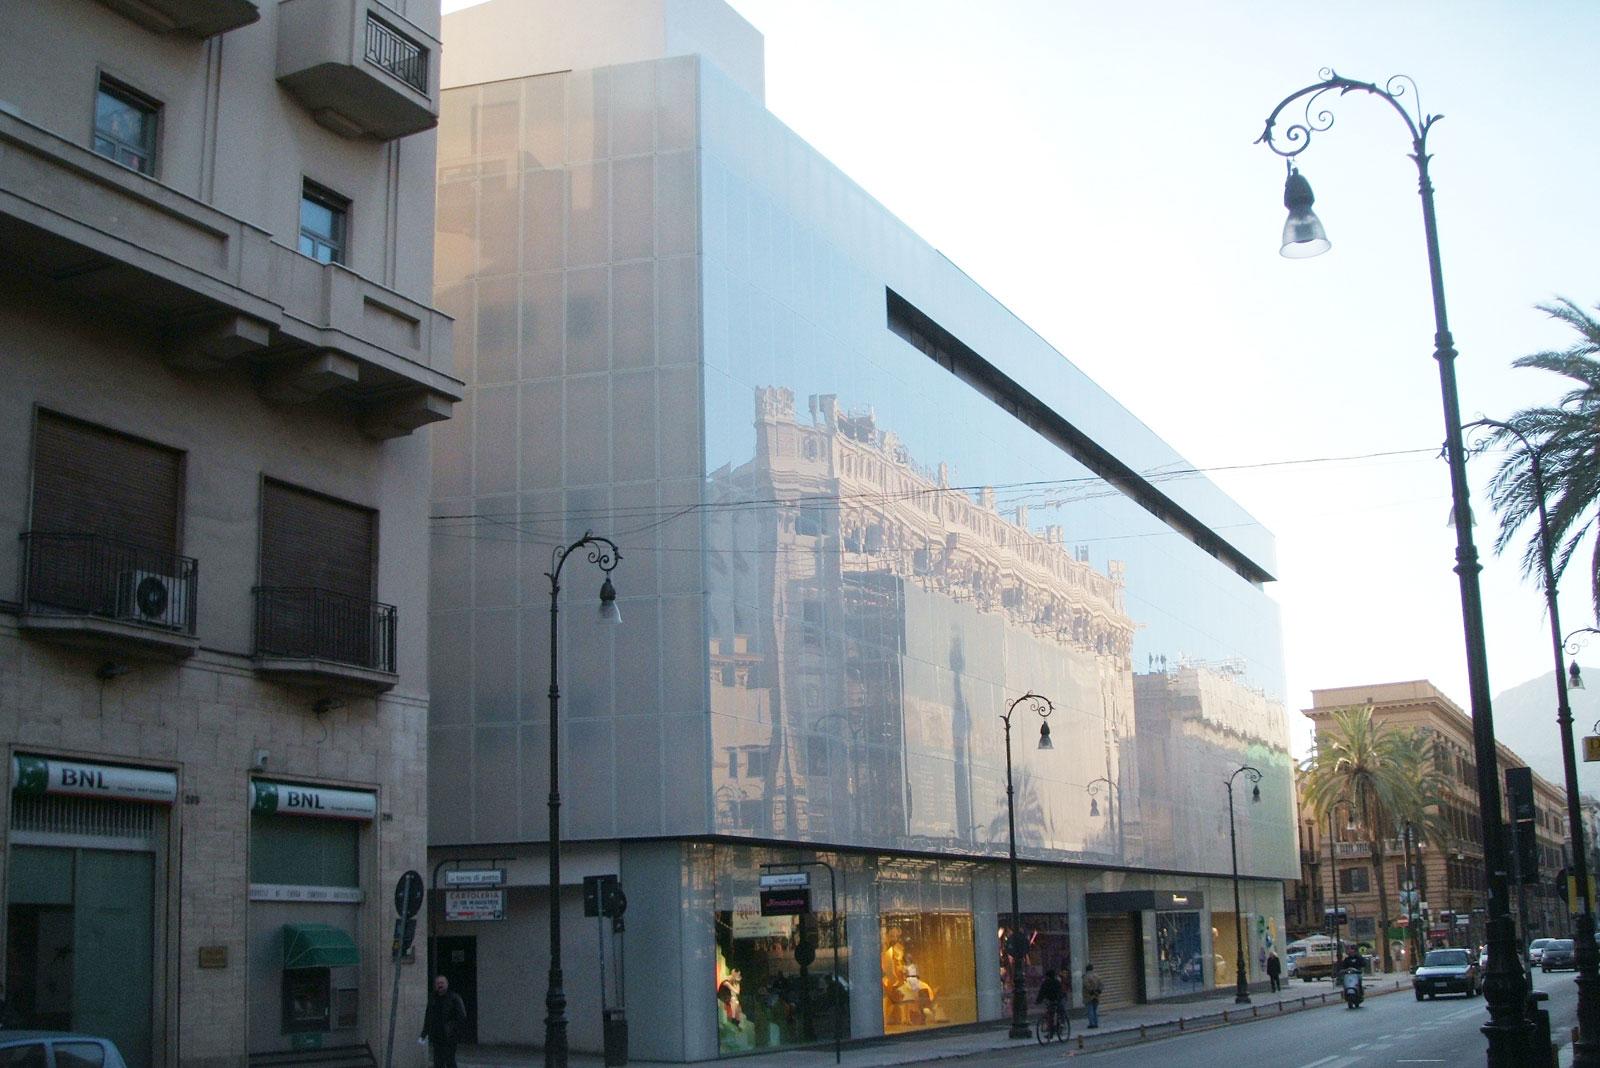 RINASCENTE PALERMO   Archilabo   Laboratorio di Architettura   Monza